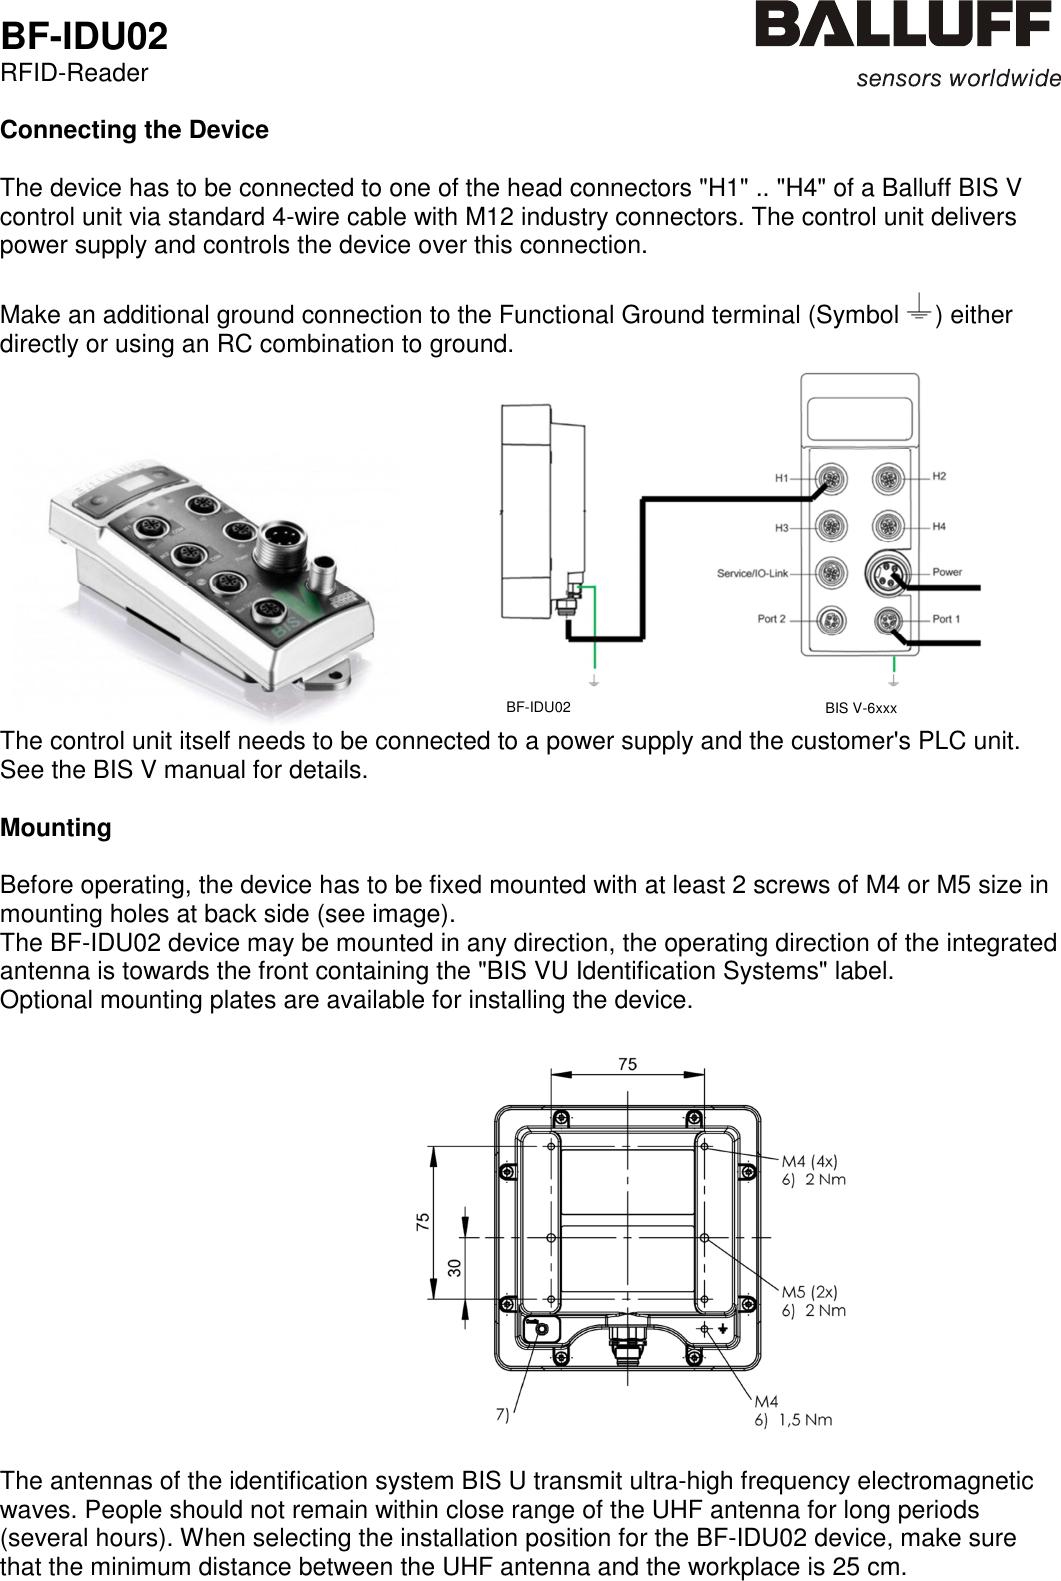 Balluff Wiring Diagram Detailed Schematics Atlas Honda Cd 70 Bfidu02 Rfid Reader User Manual Bf Idu02 V 04 Durant